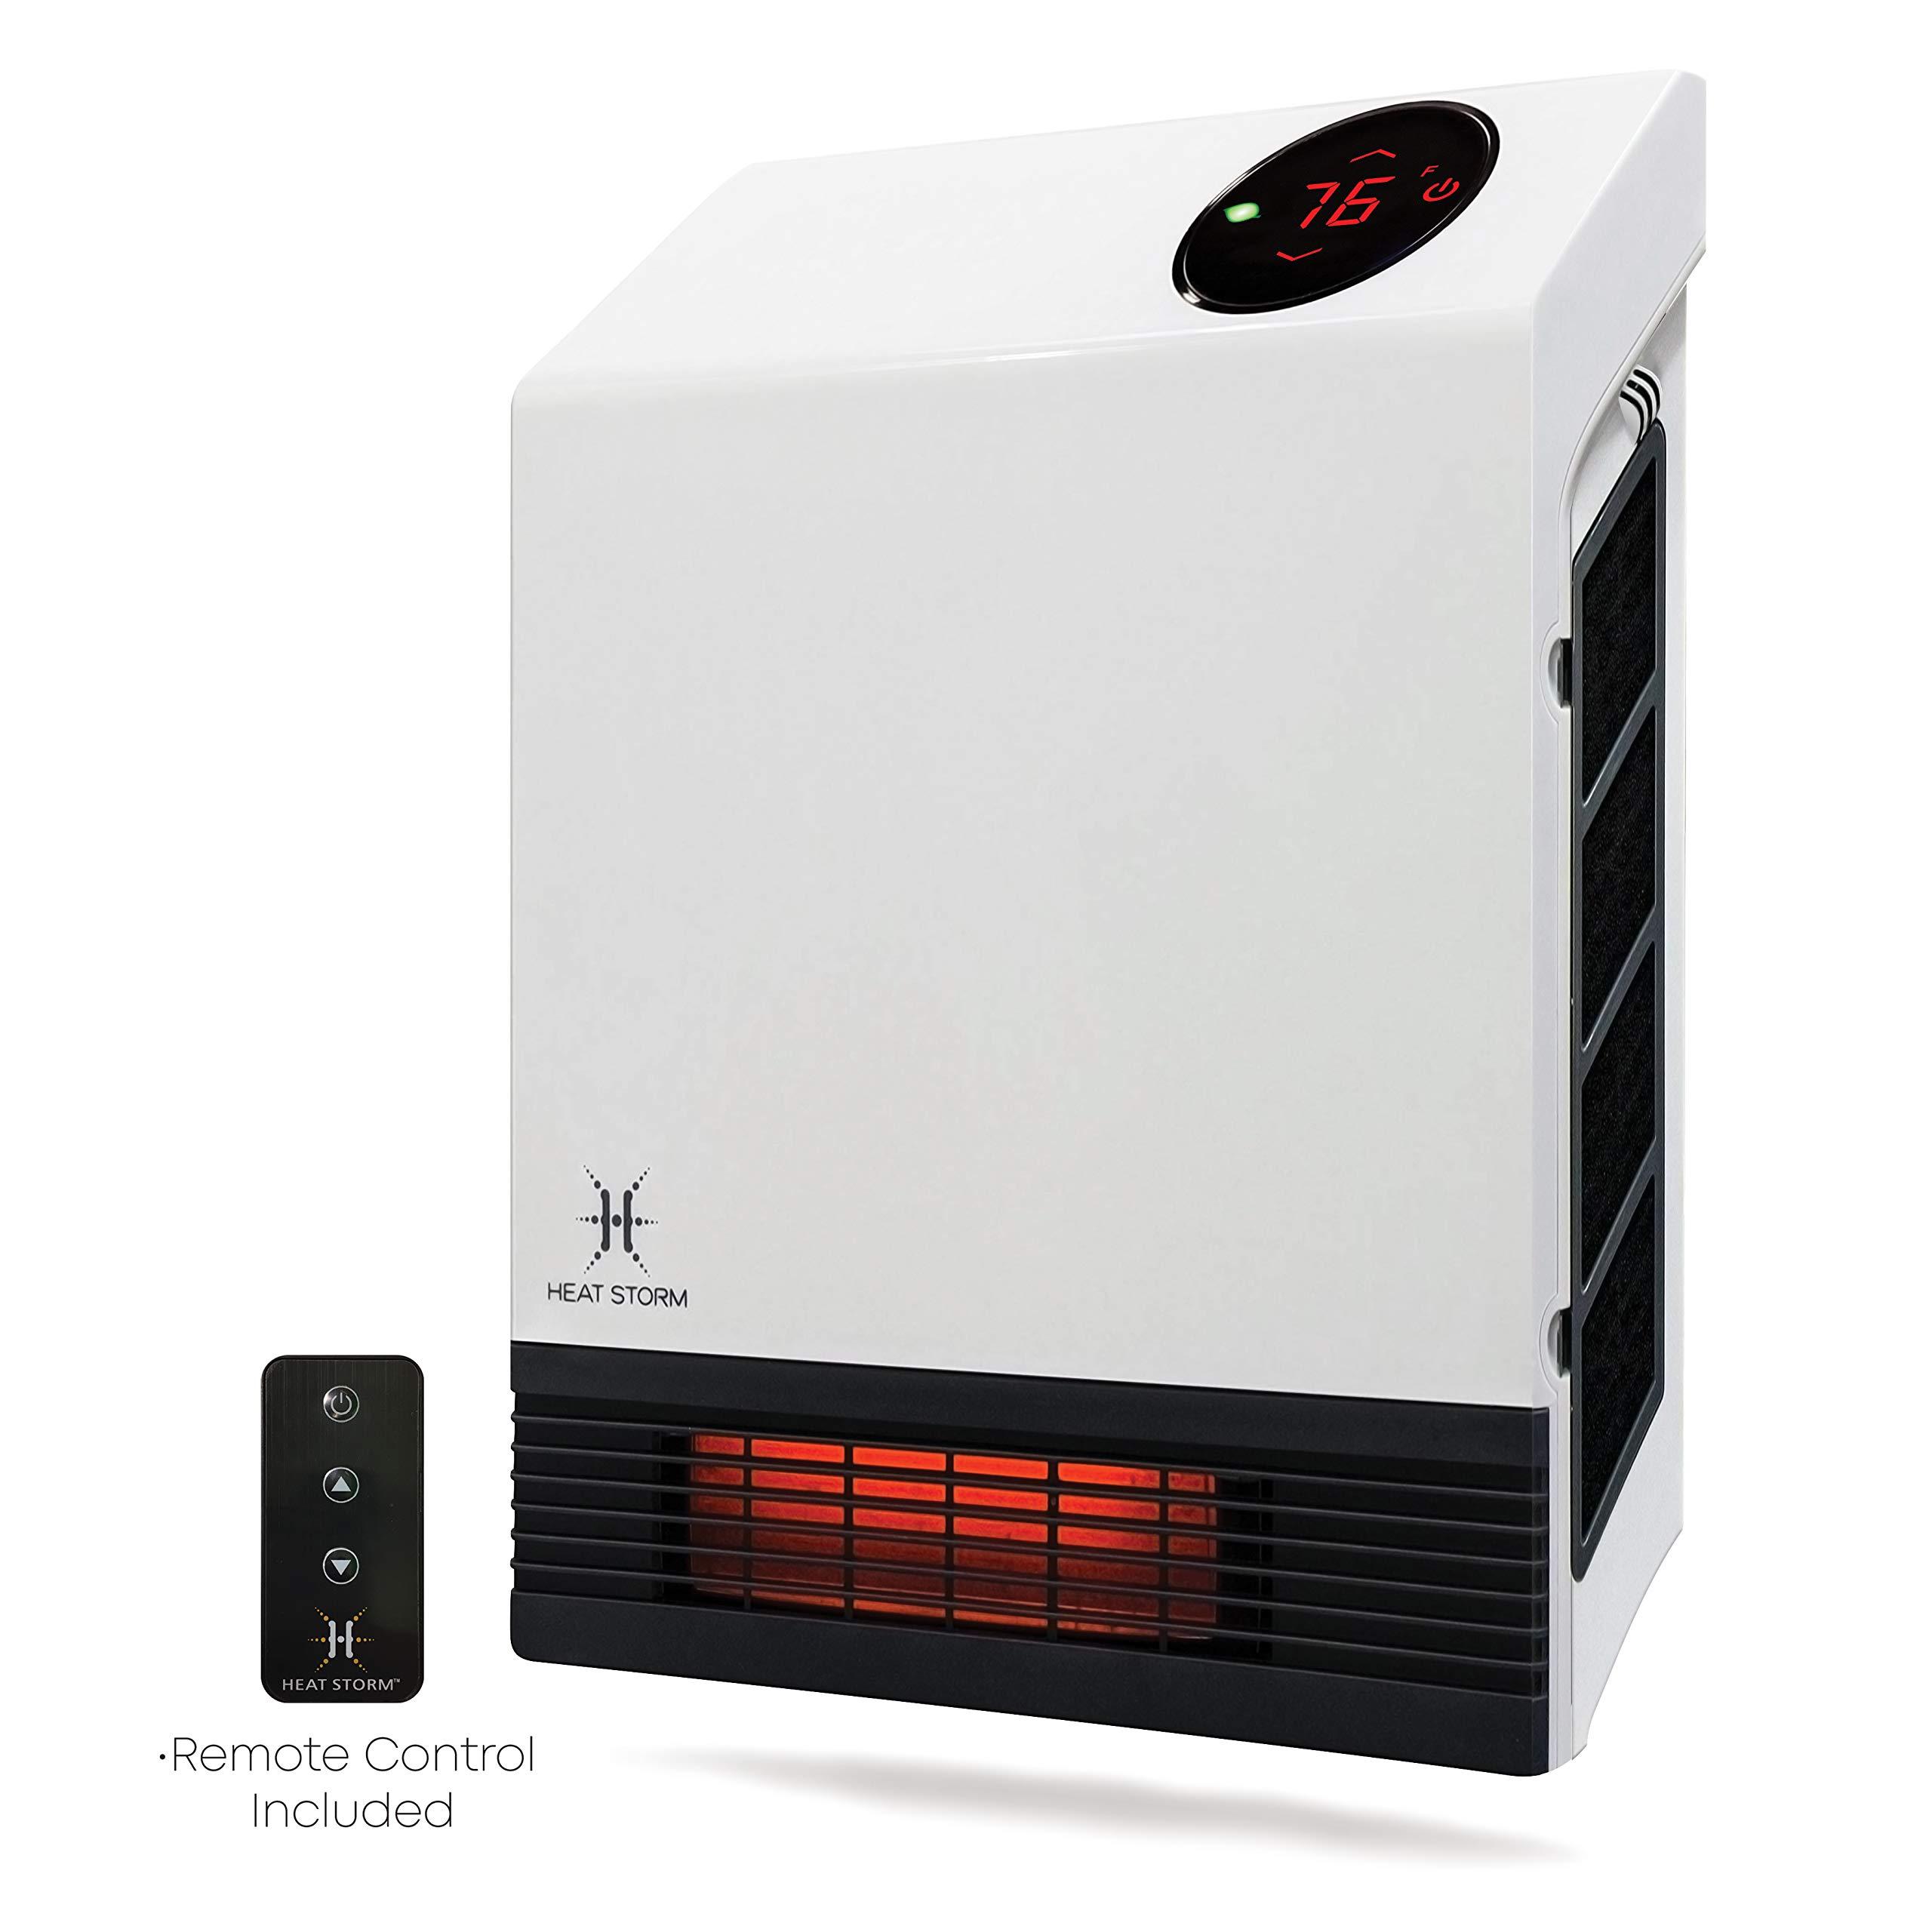 Heat Storm Deluxe Infrared Heater